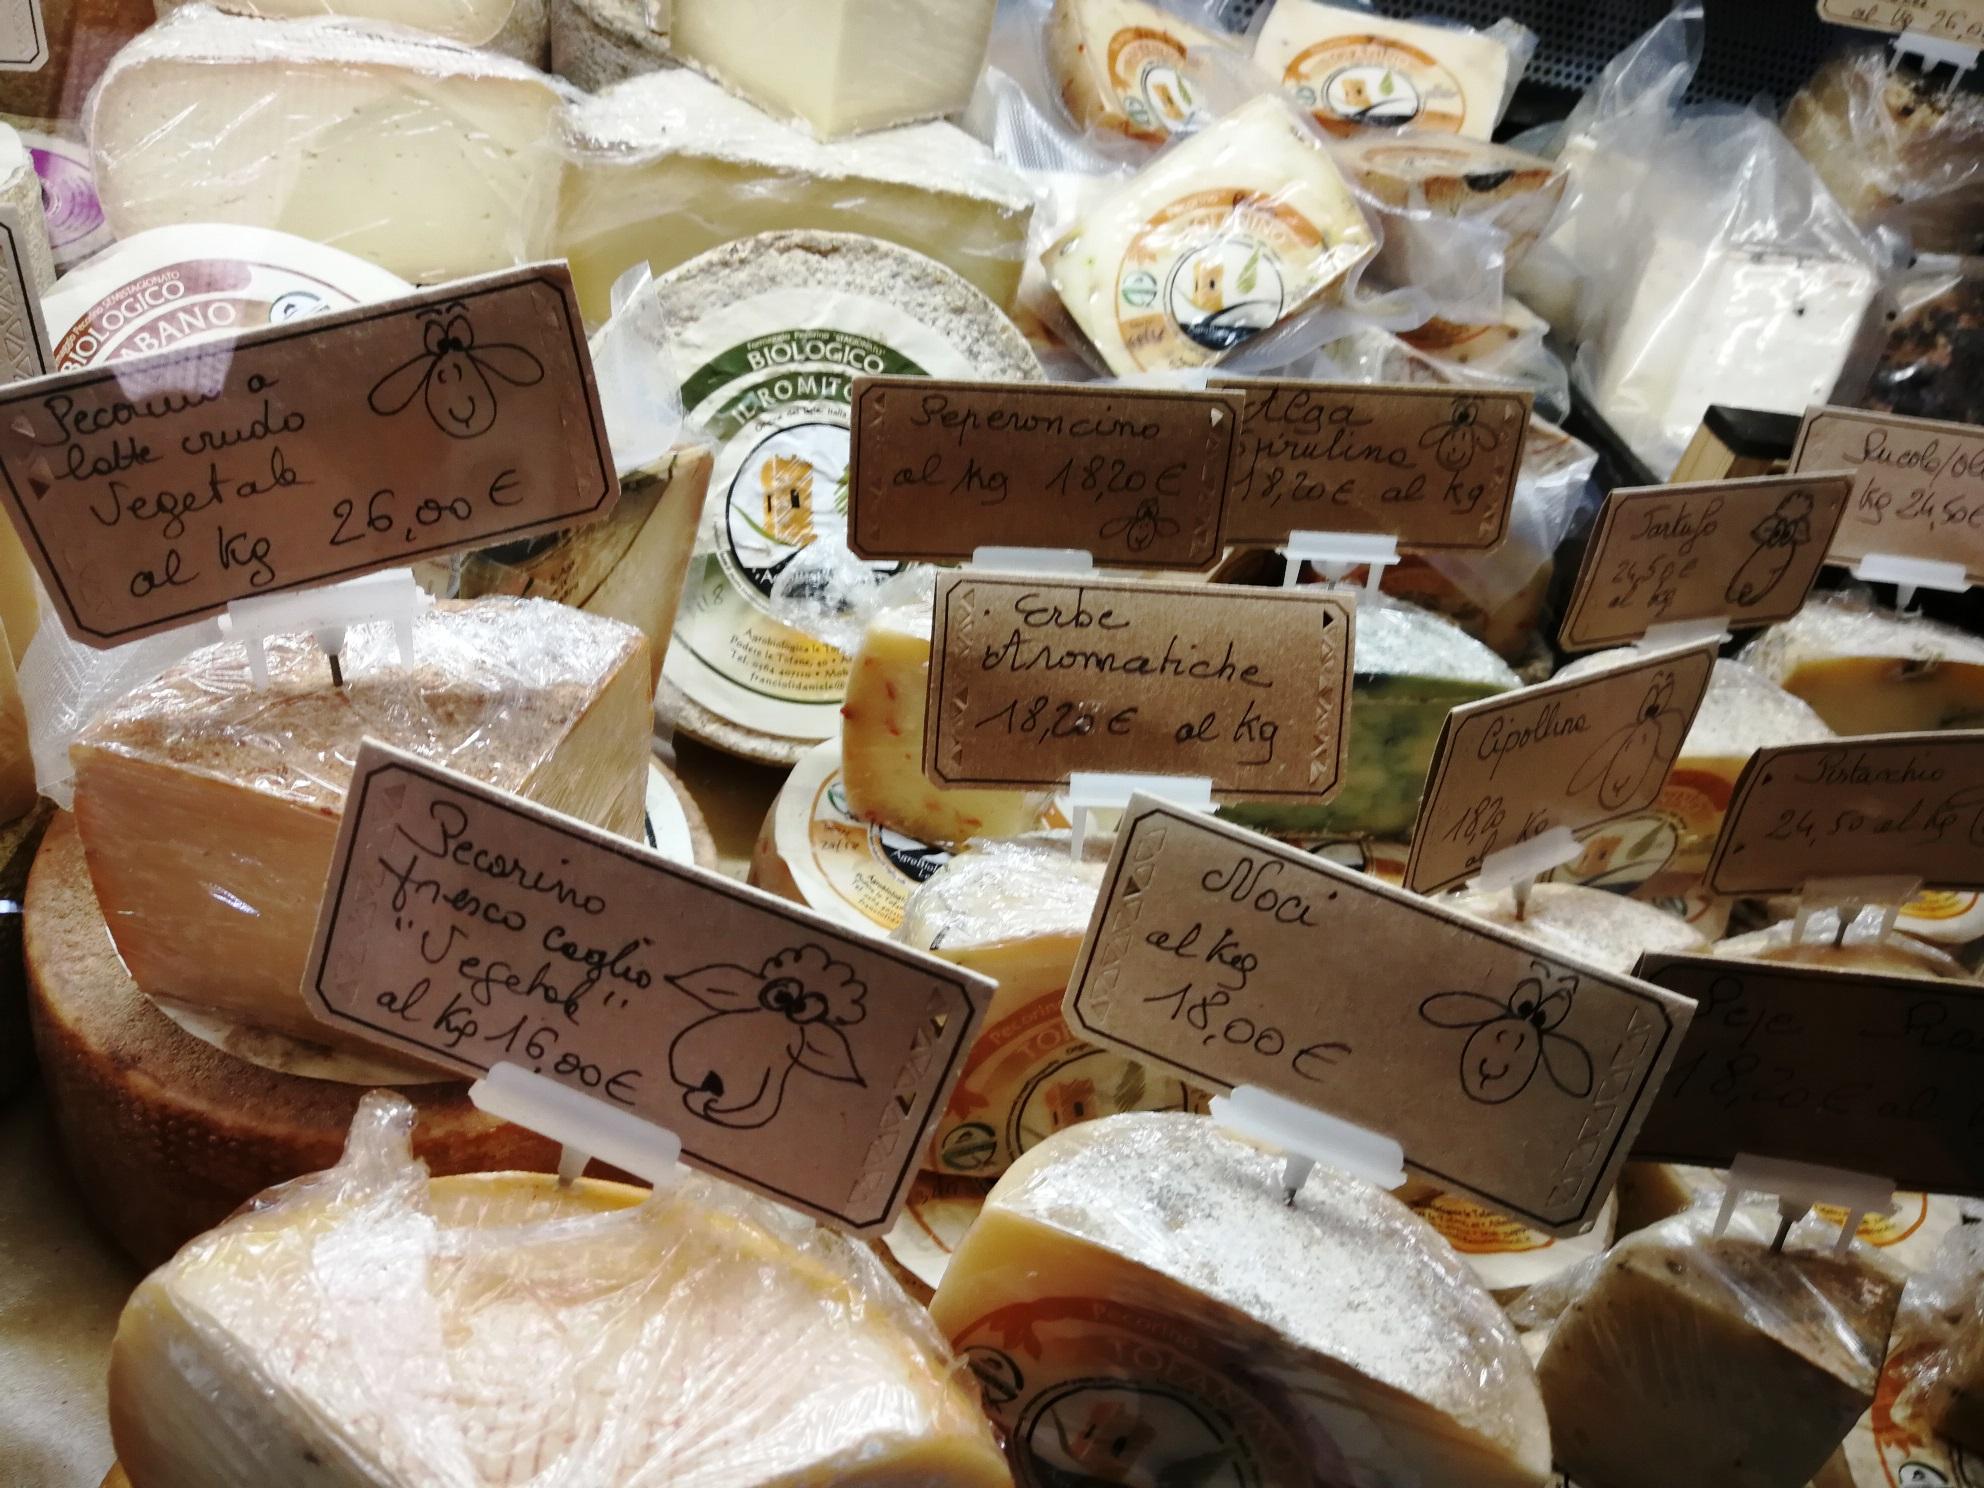 Puro formaggio maremmano